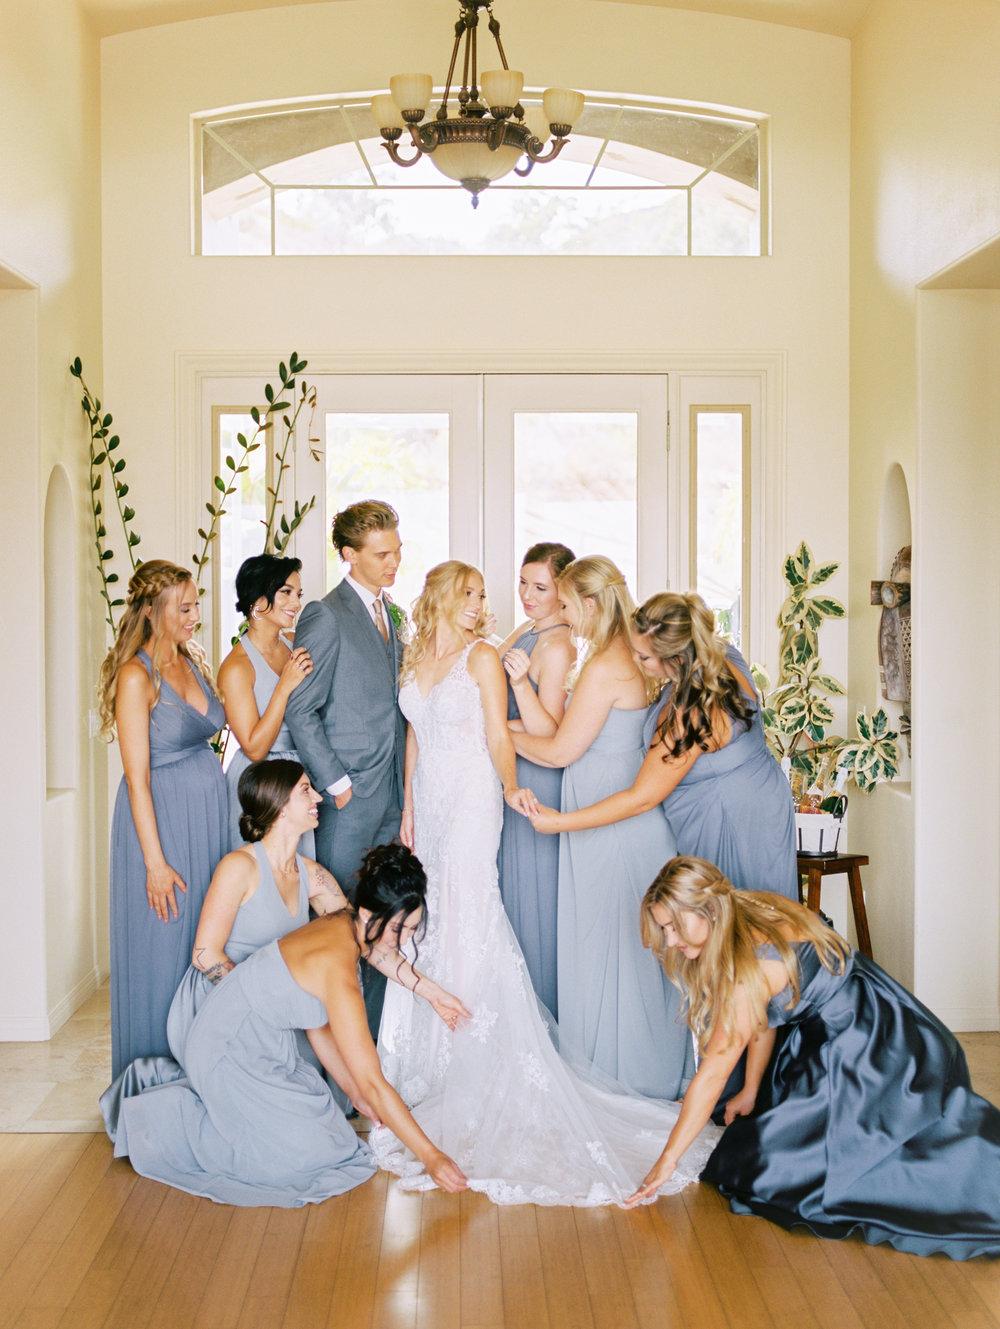 dennisroycoronel_ashleyanthony_vanessahudgens_austinbutler_wedding_losangeles_photographer-42.jpg